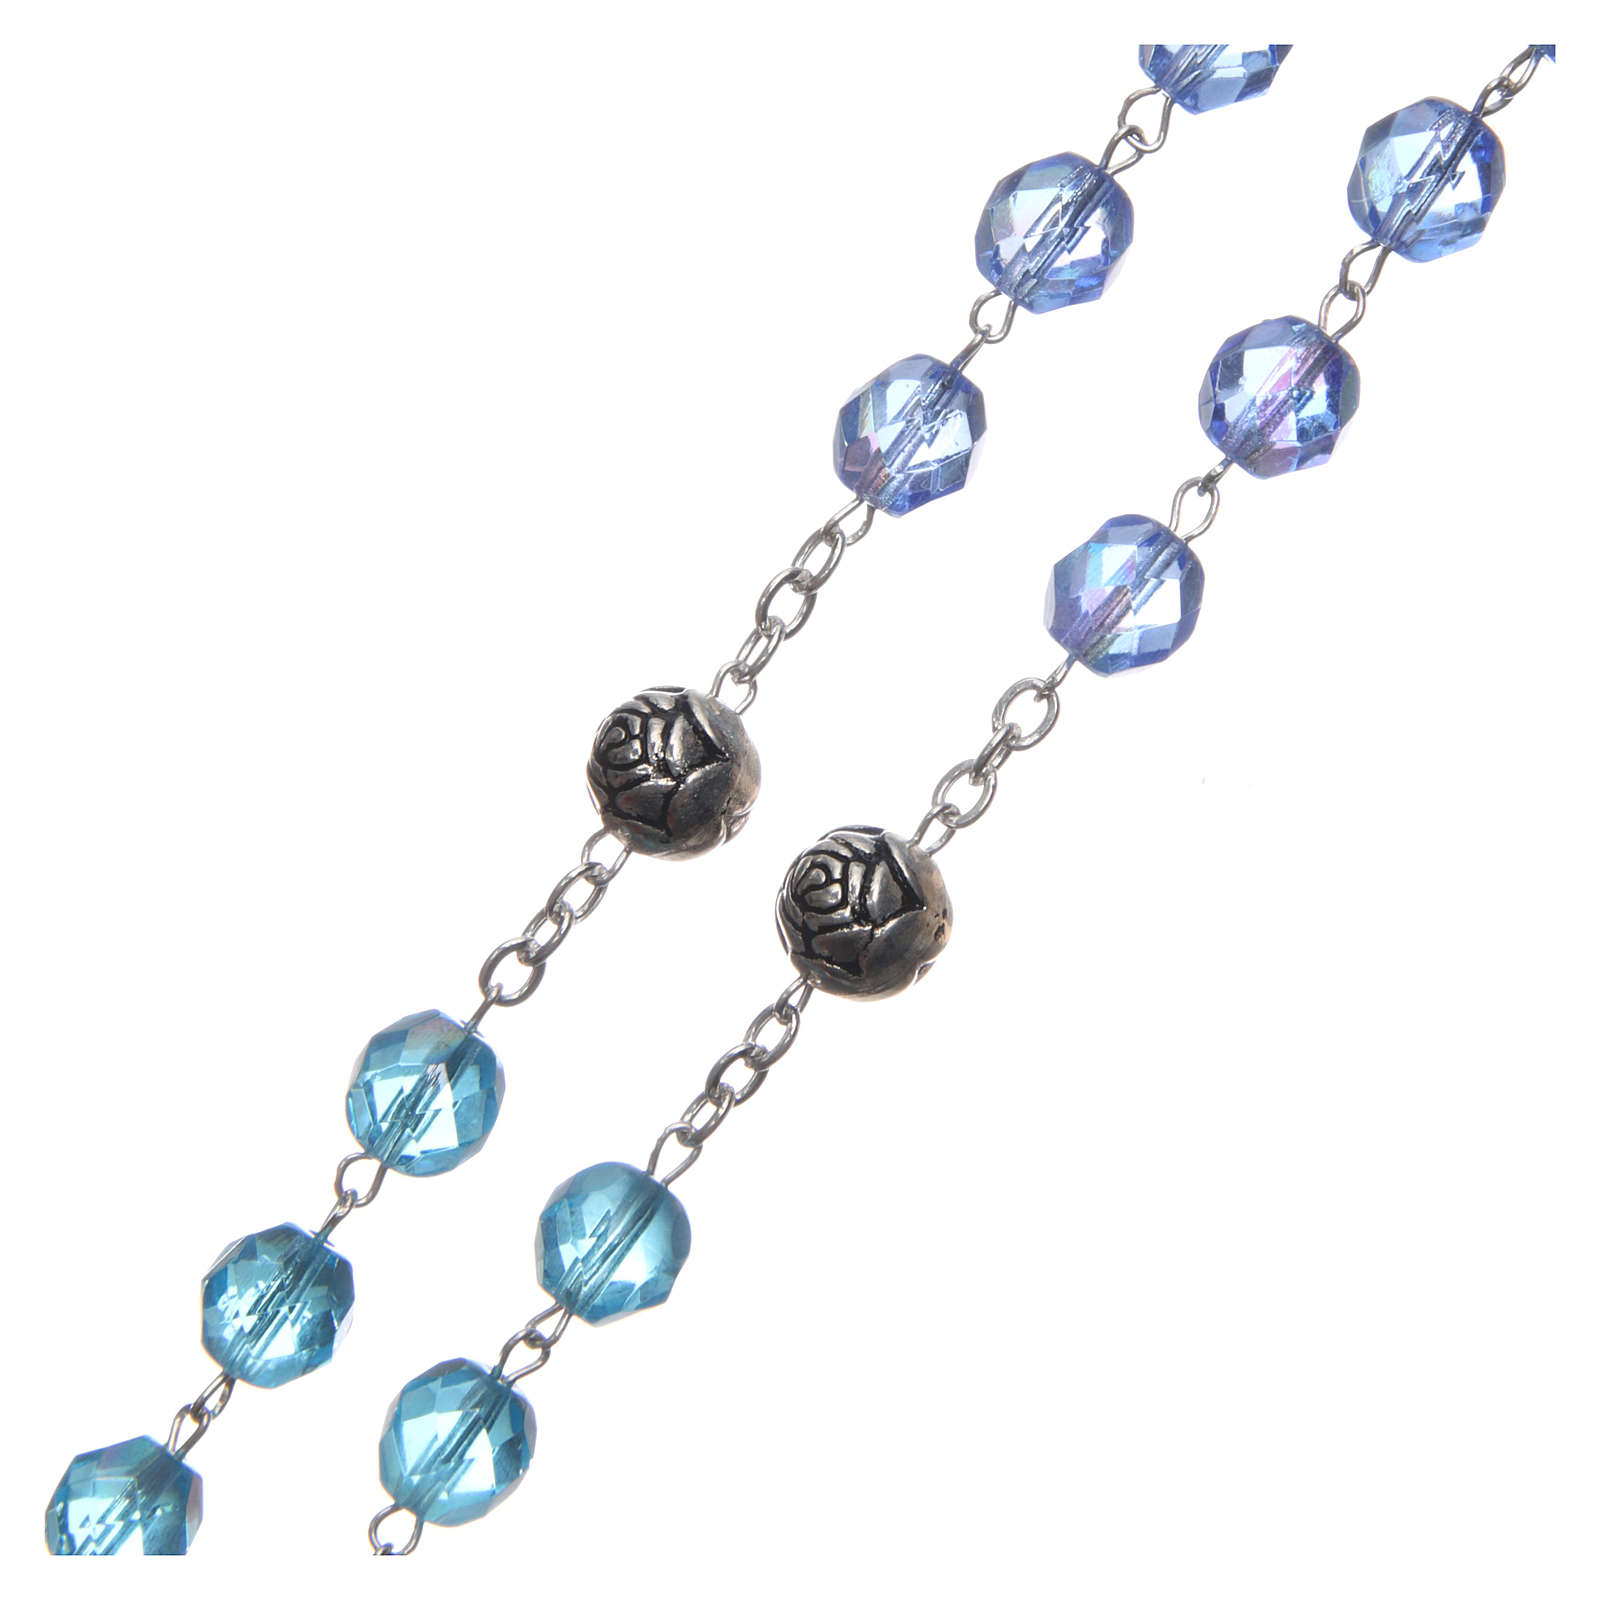 Chapelet cristal nuances bleu médaille parlante ITA 8 mm 4